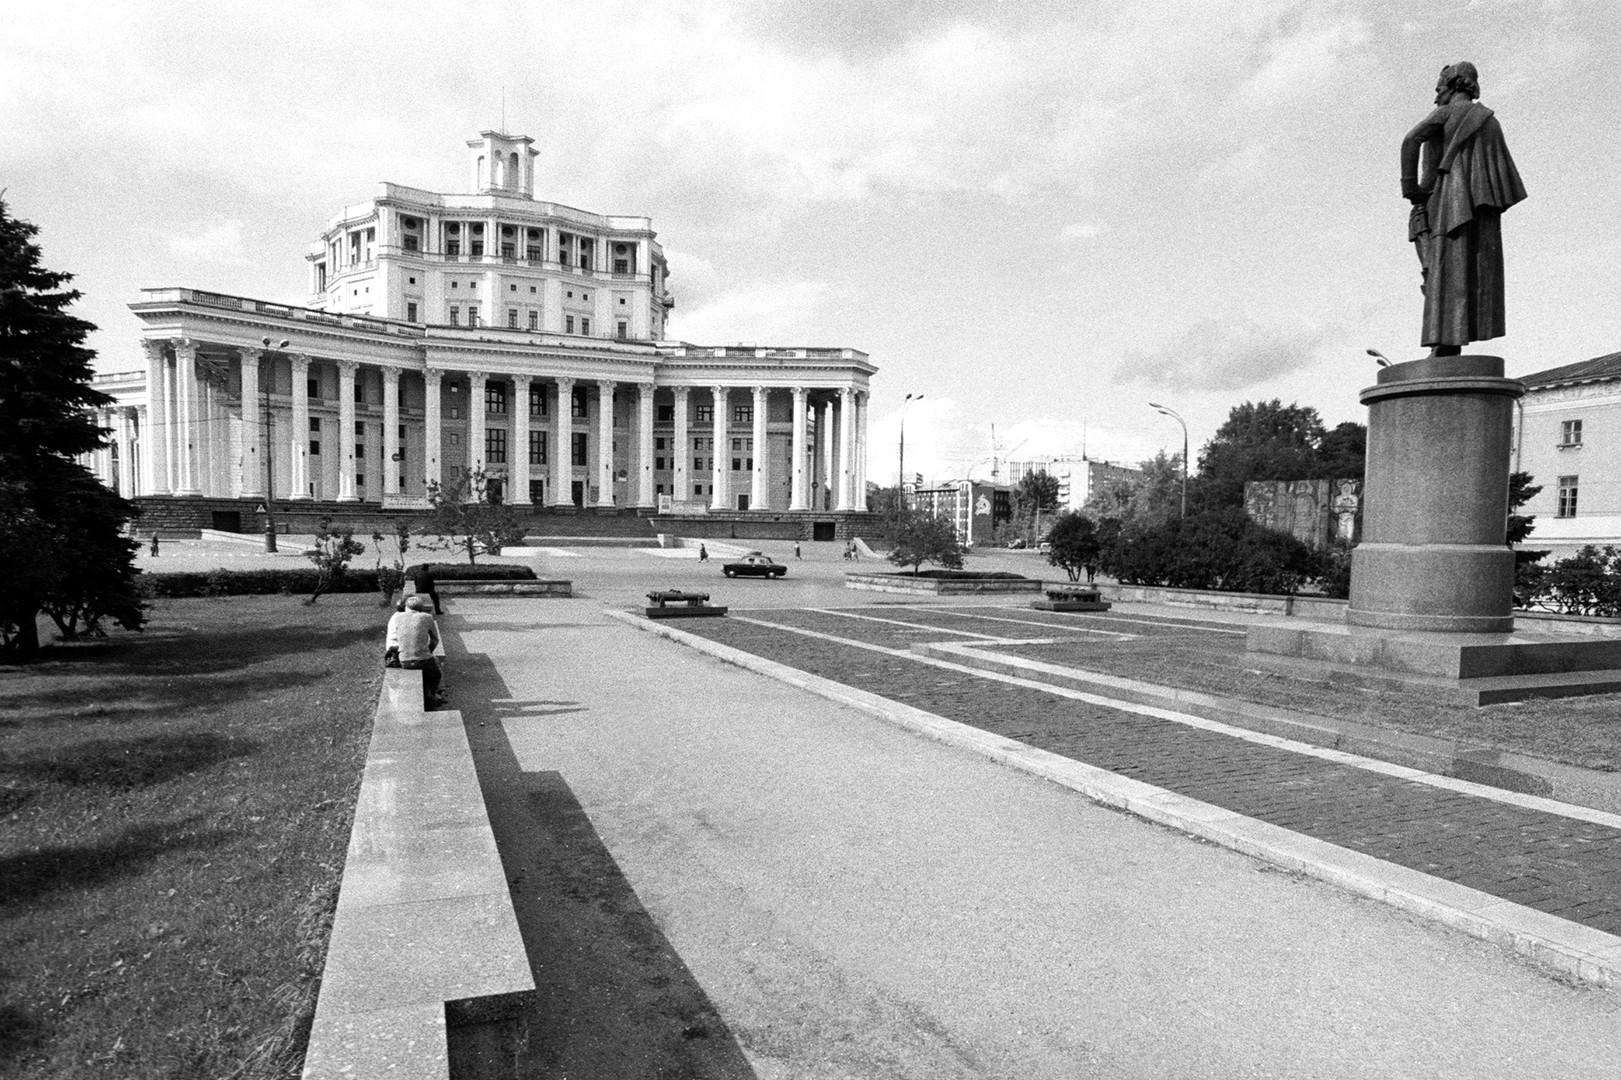 Le théâtre académique central de l'Armée russe à Moscou.